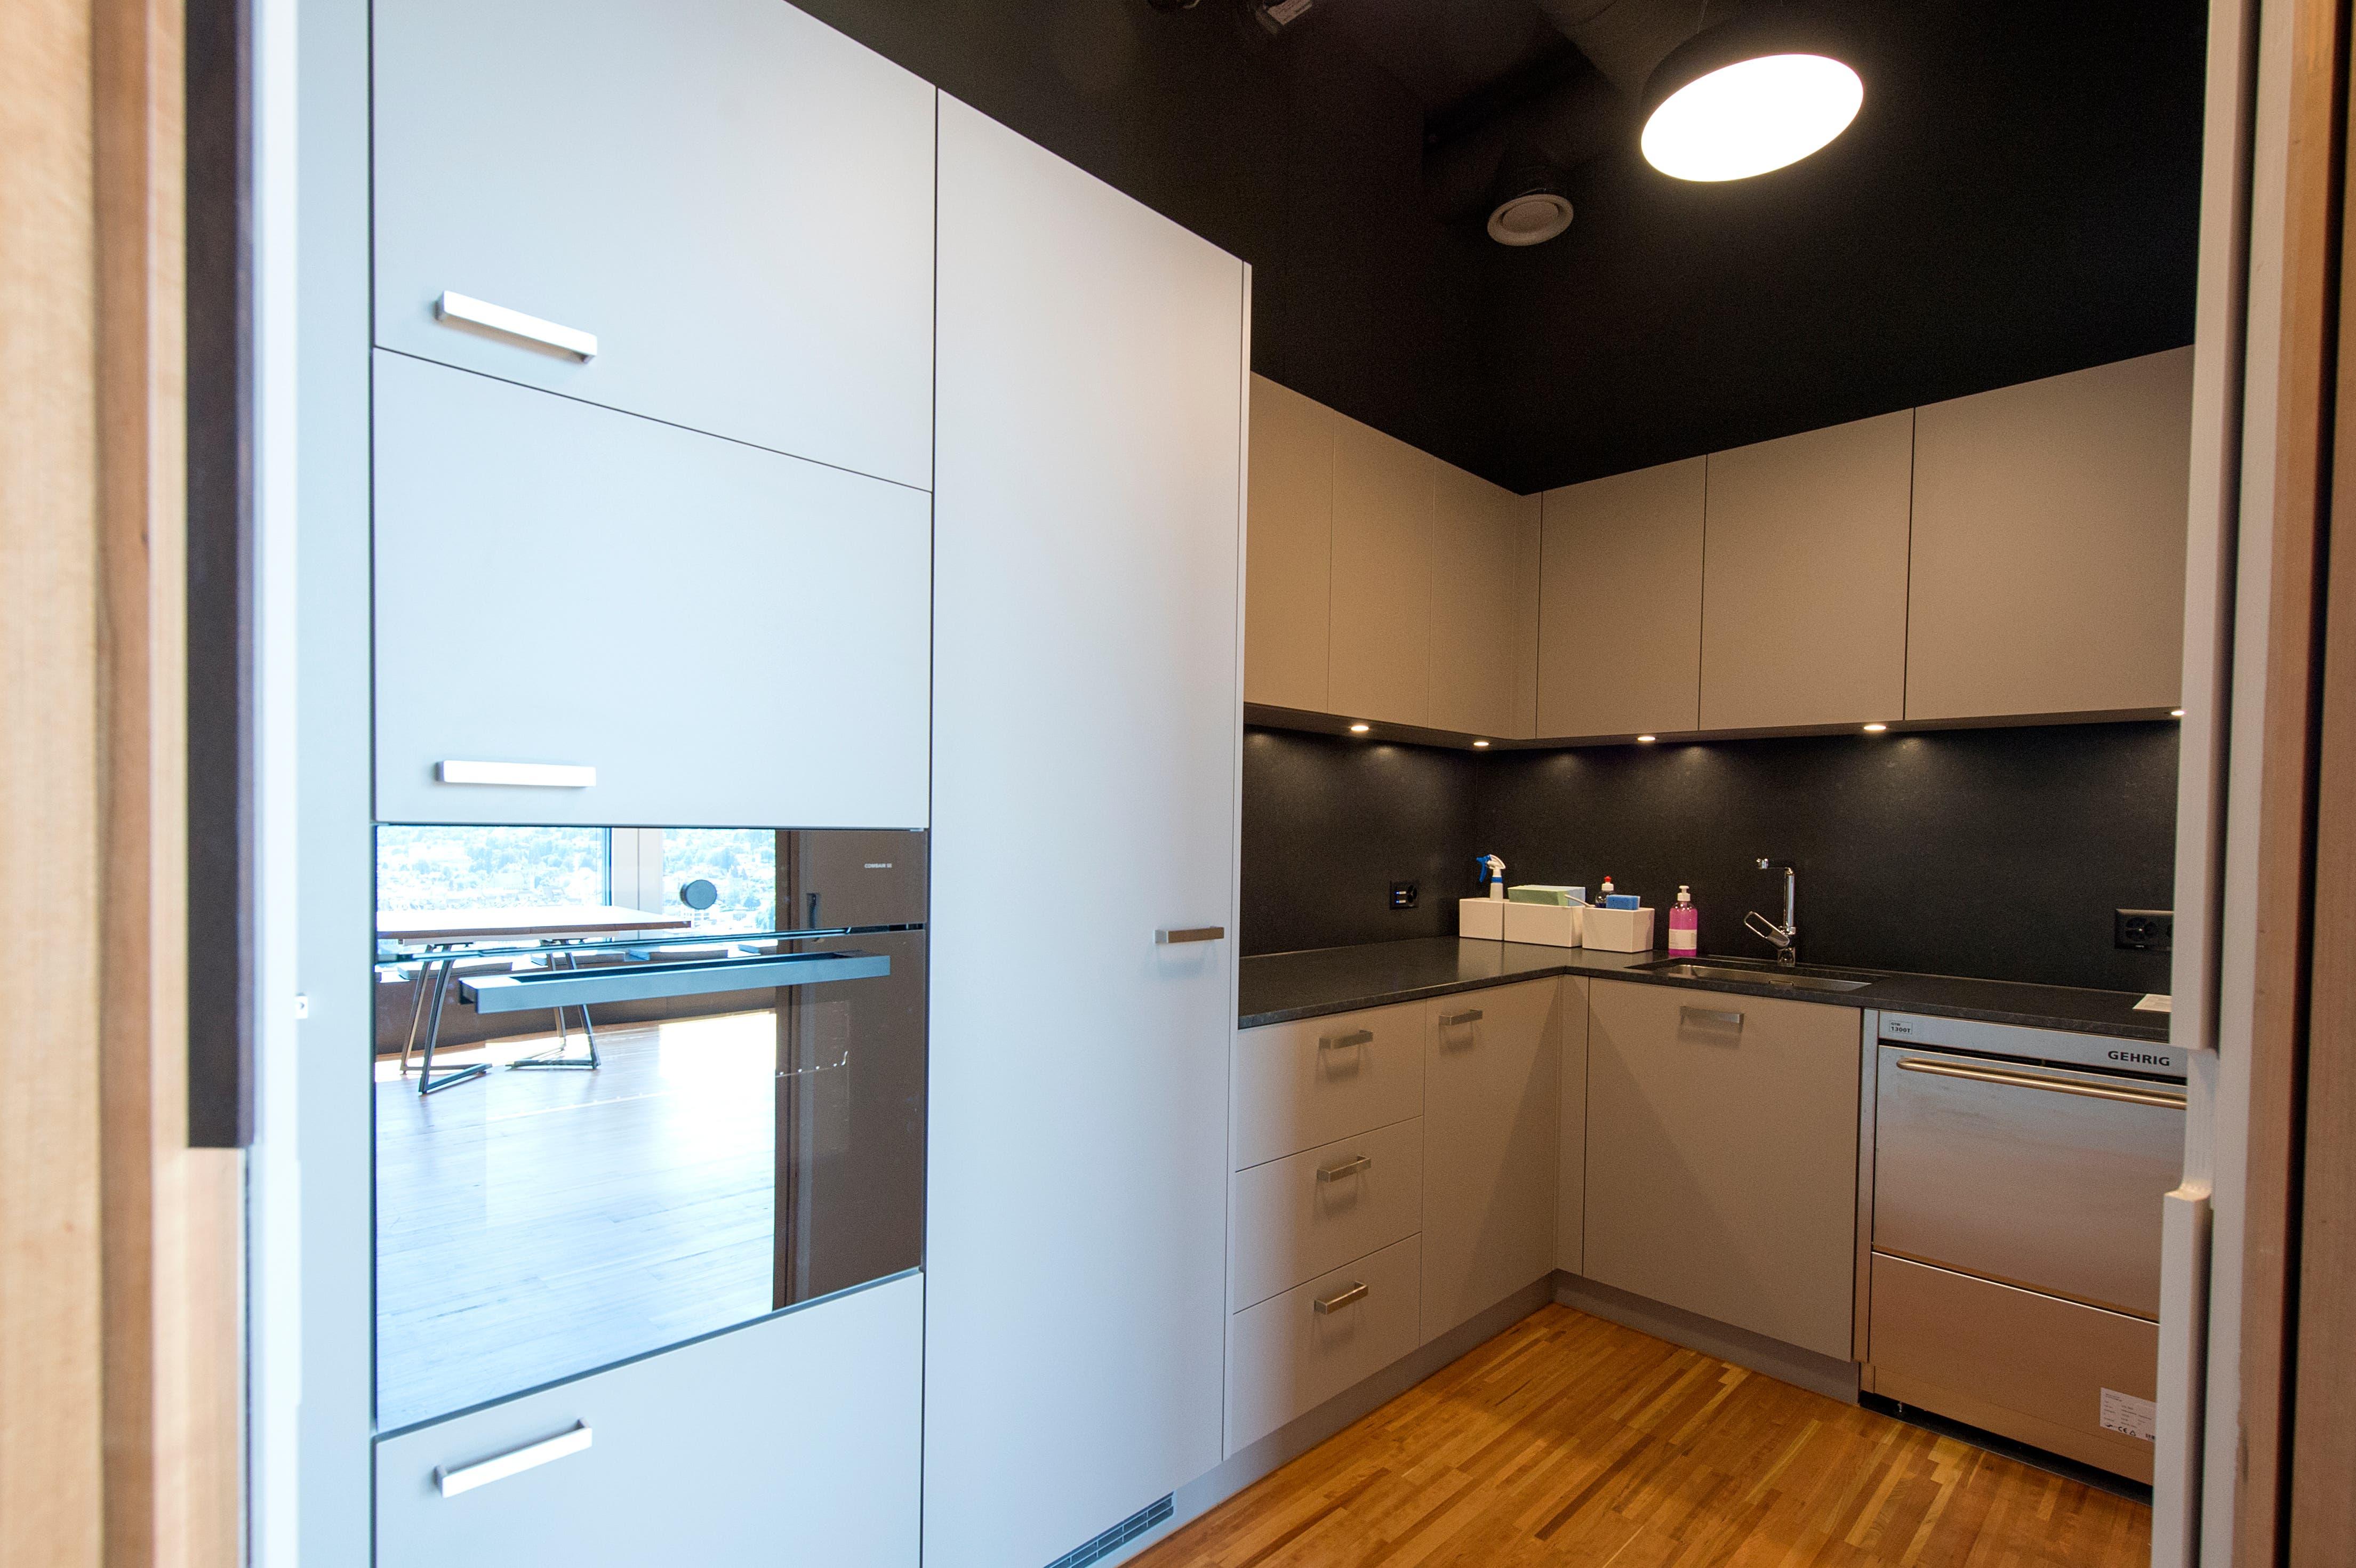 Auch eine knapp ausgerüstete Küche gehört zum Inventar – allerdings ohne Kochfeld.